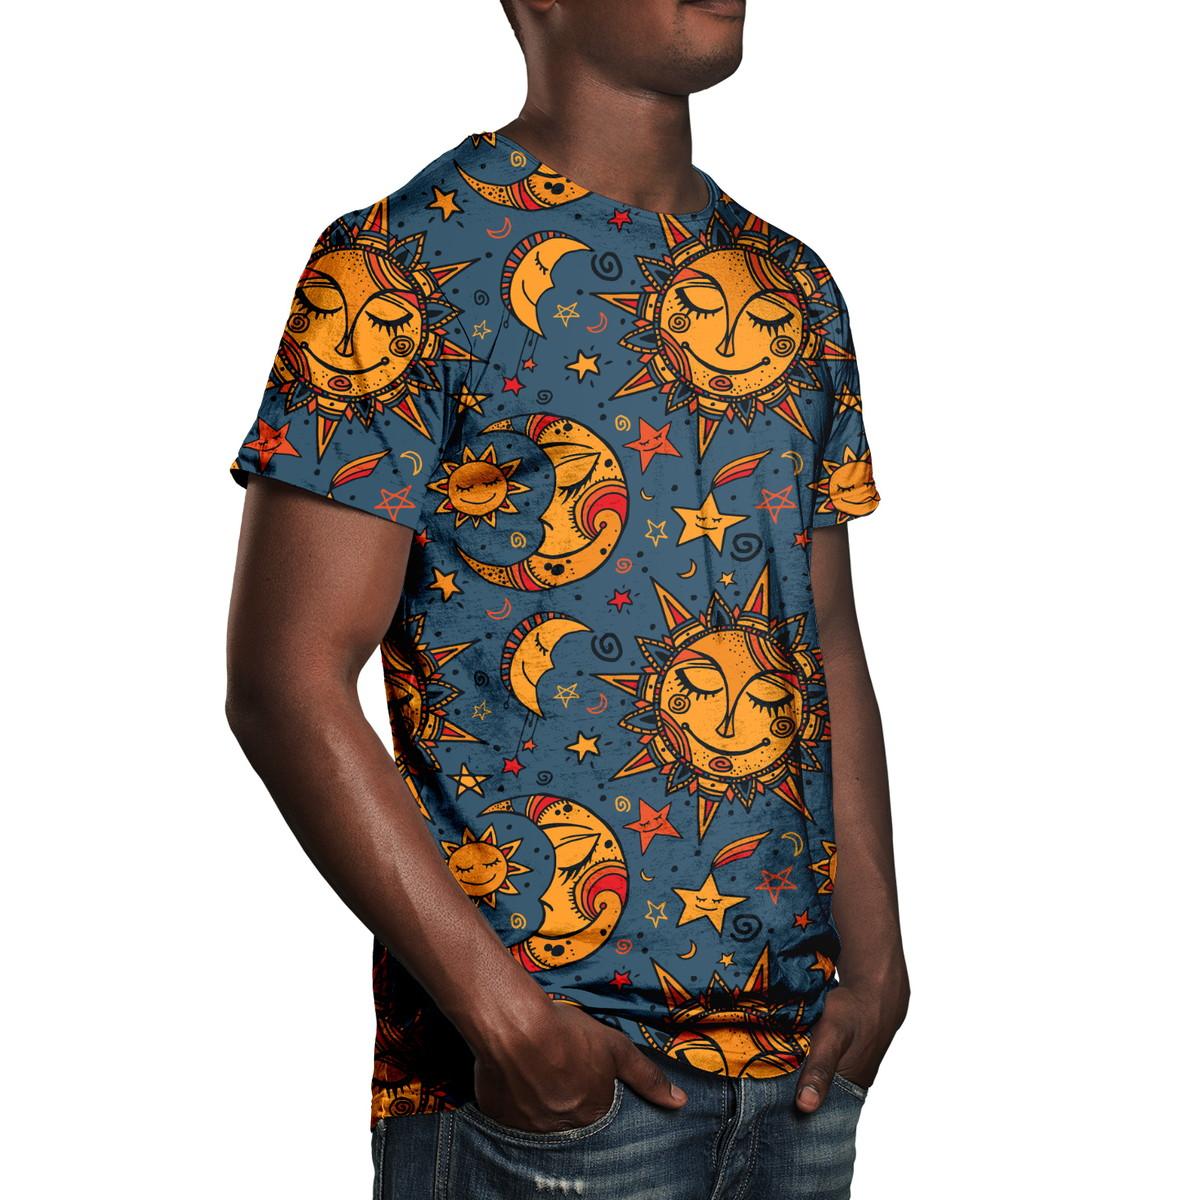 d718c2d7f Camiseta Masculina Sol E Lua Estampa Digital no Elo7